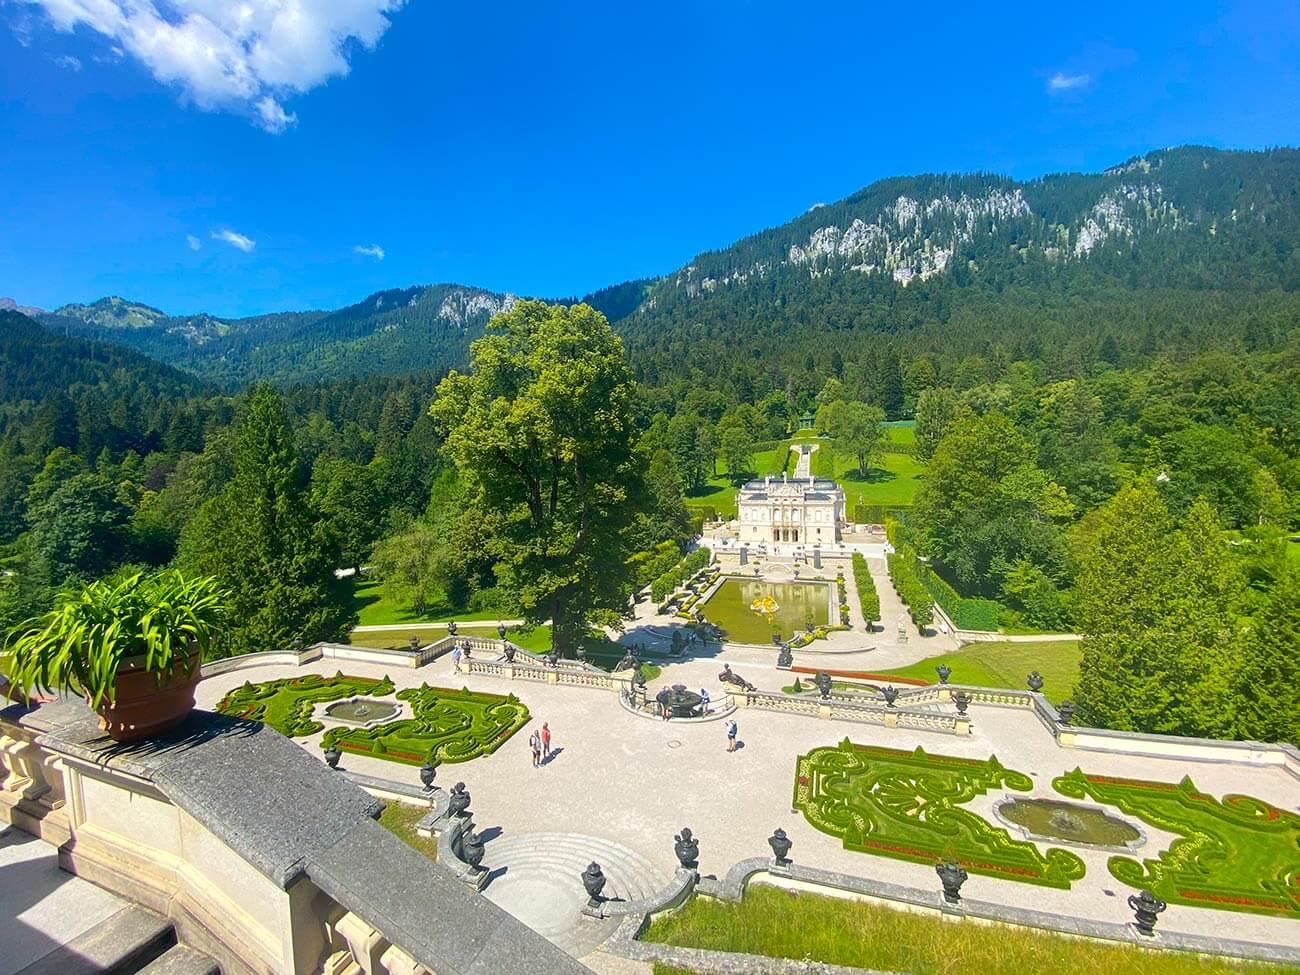 Мечтательный замок Линдерхоф в окружении пышных зеленых парков и лесов. Замок Линдерхоф